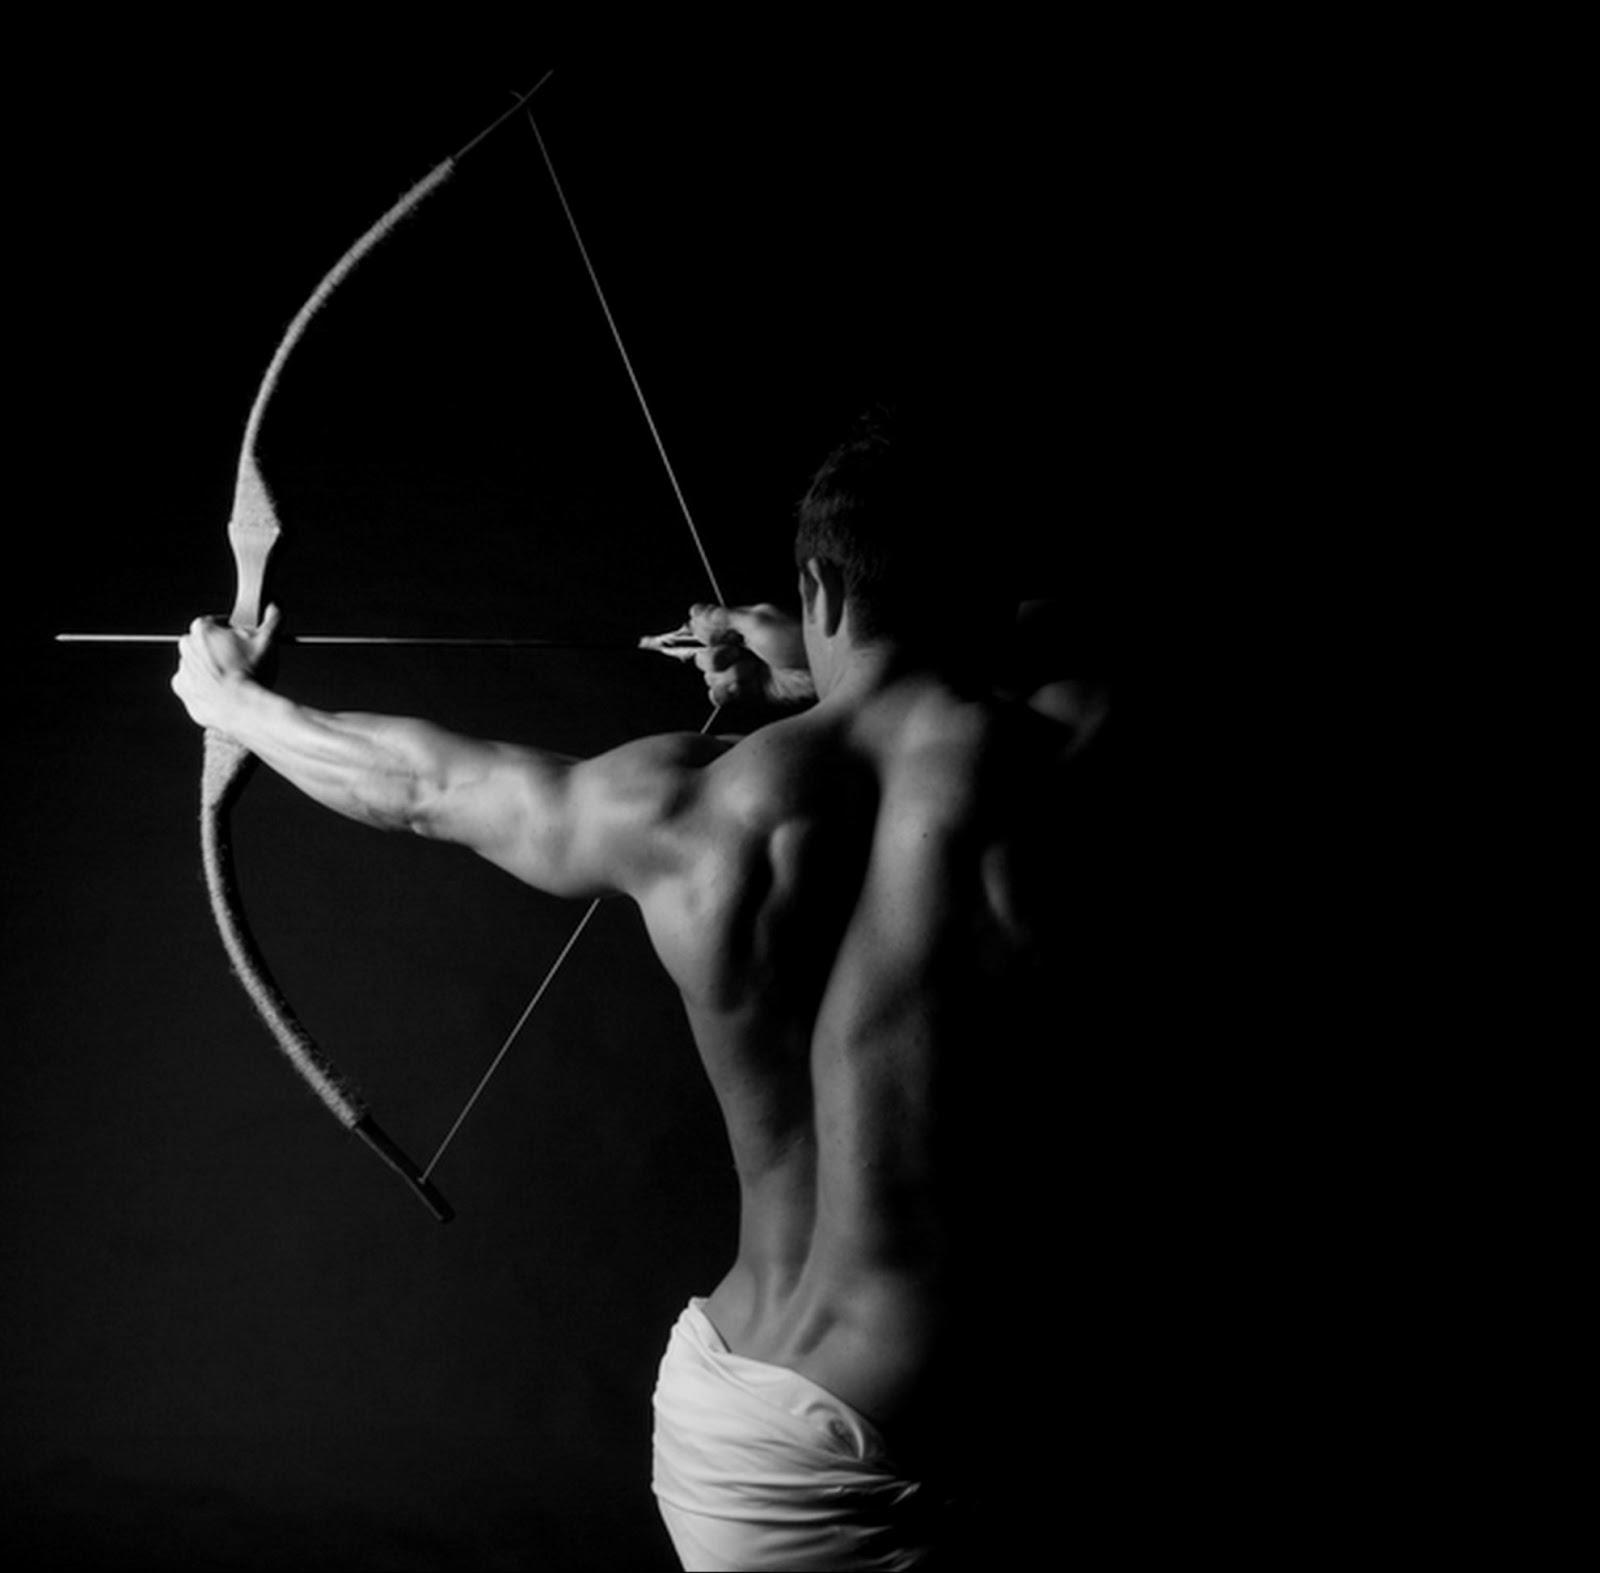 fotografia masculino: